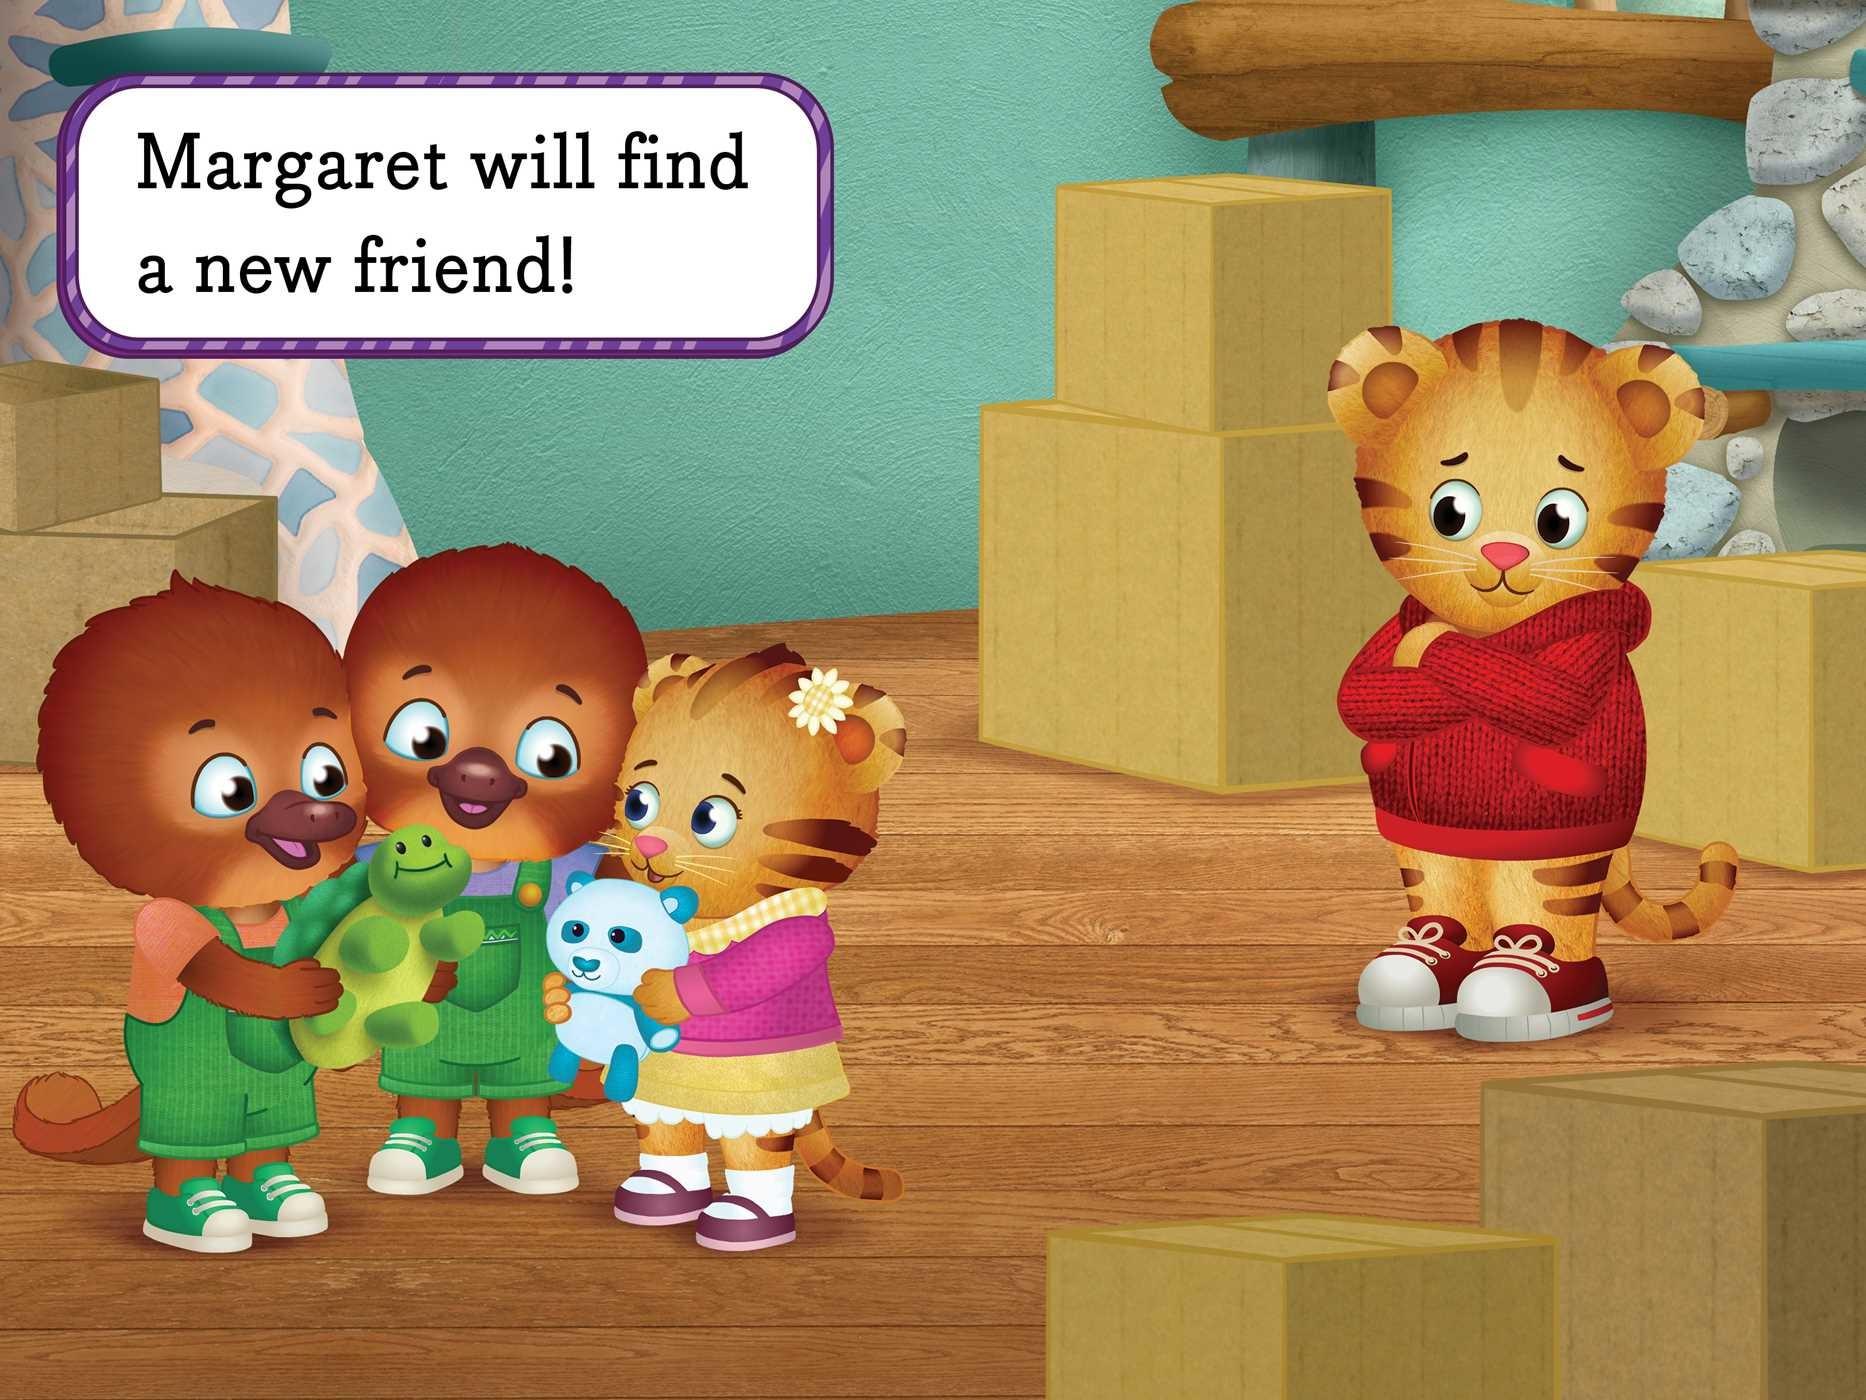 Daniel finds a new friend 9781534429376.in06